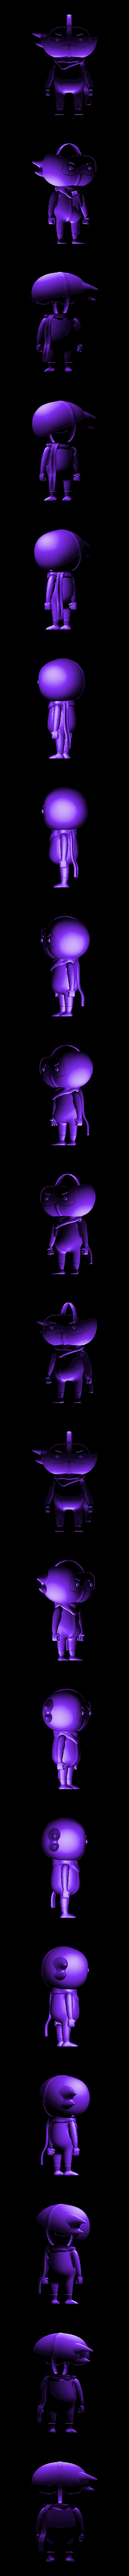 Ninja_pose_01_Big.stl Télécharger fichier STL gratuit DLive Ninja solitaire • Modèle pour impression 3D, CarlCreates